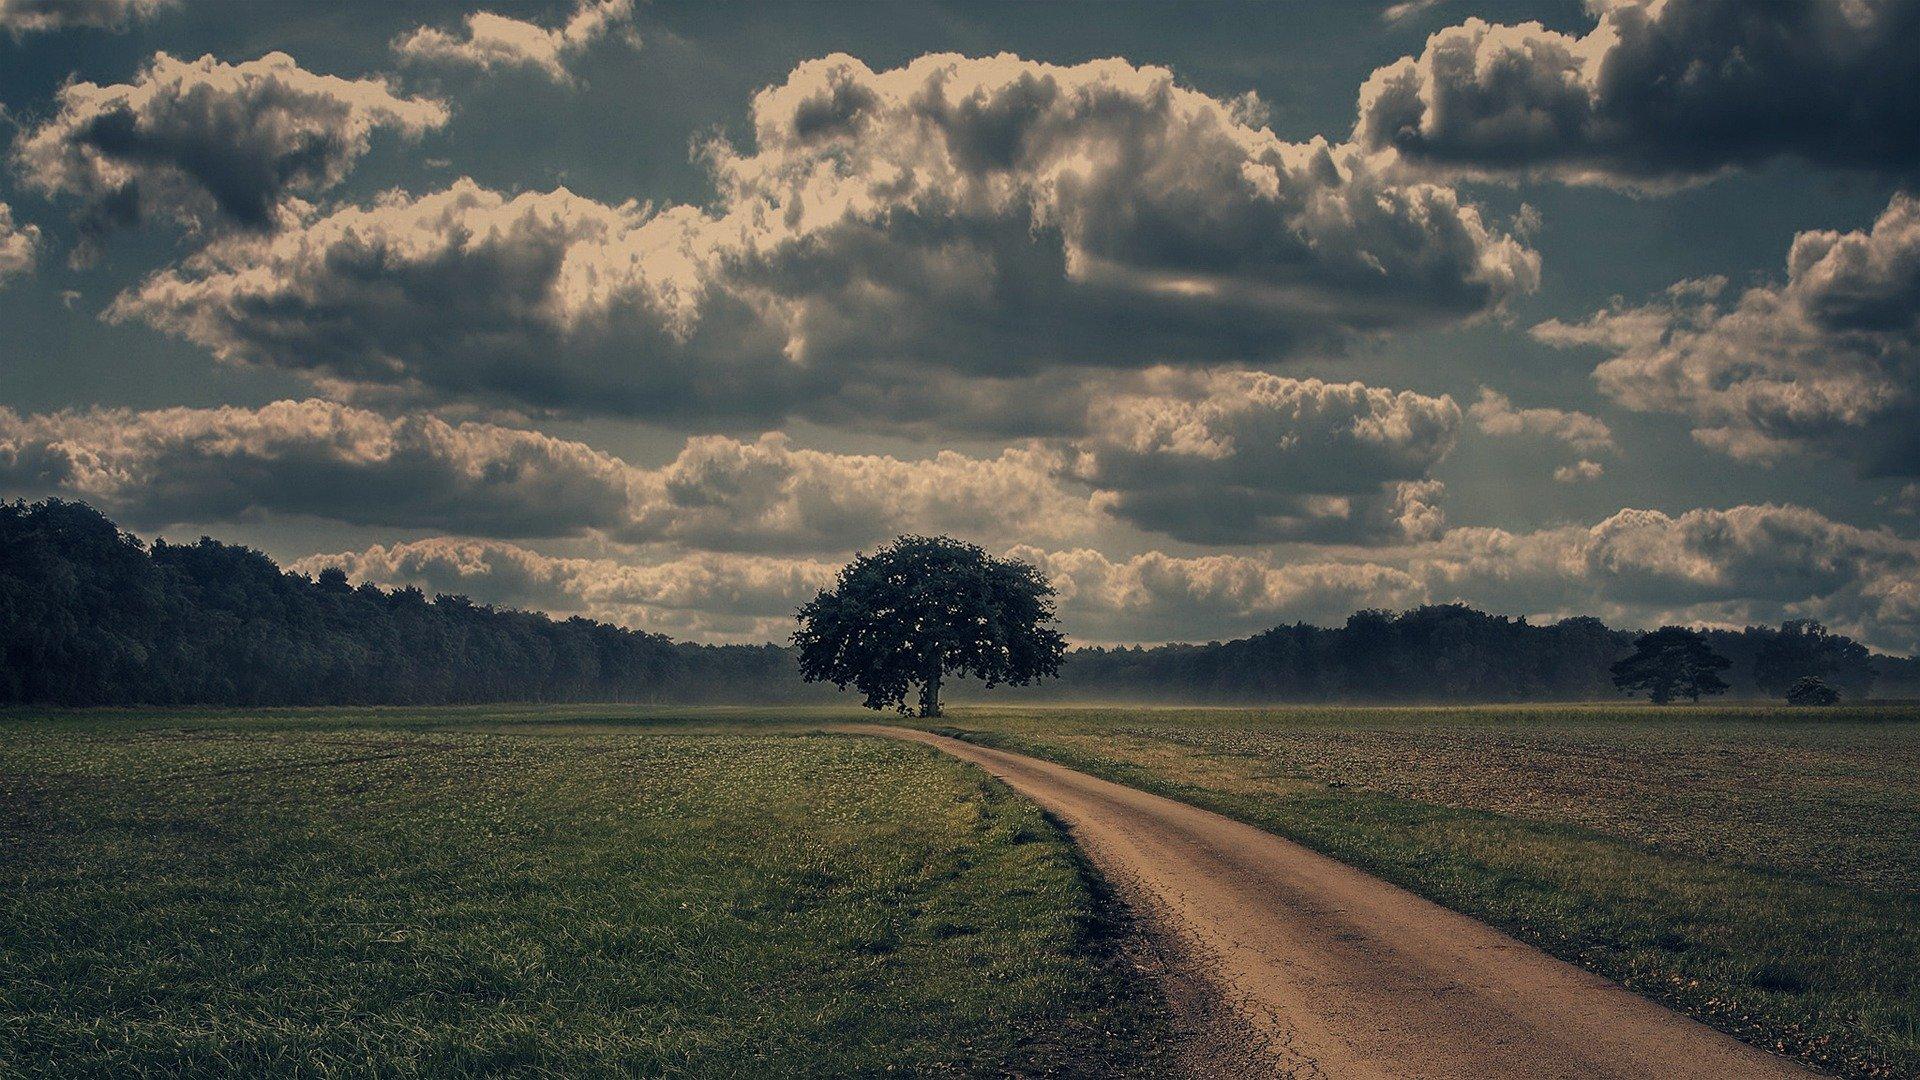 曇りのスピリチュアルと晴れの日が気分が落ち込み、曇りが好きな理由は?